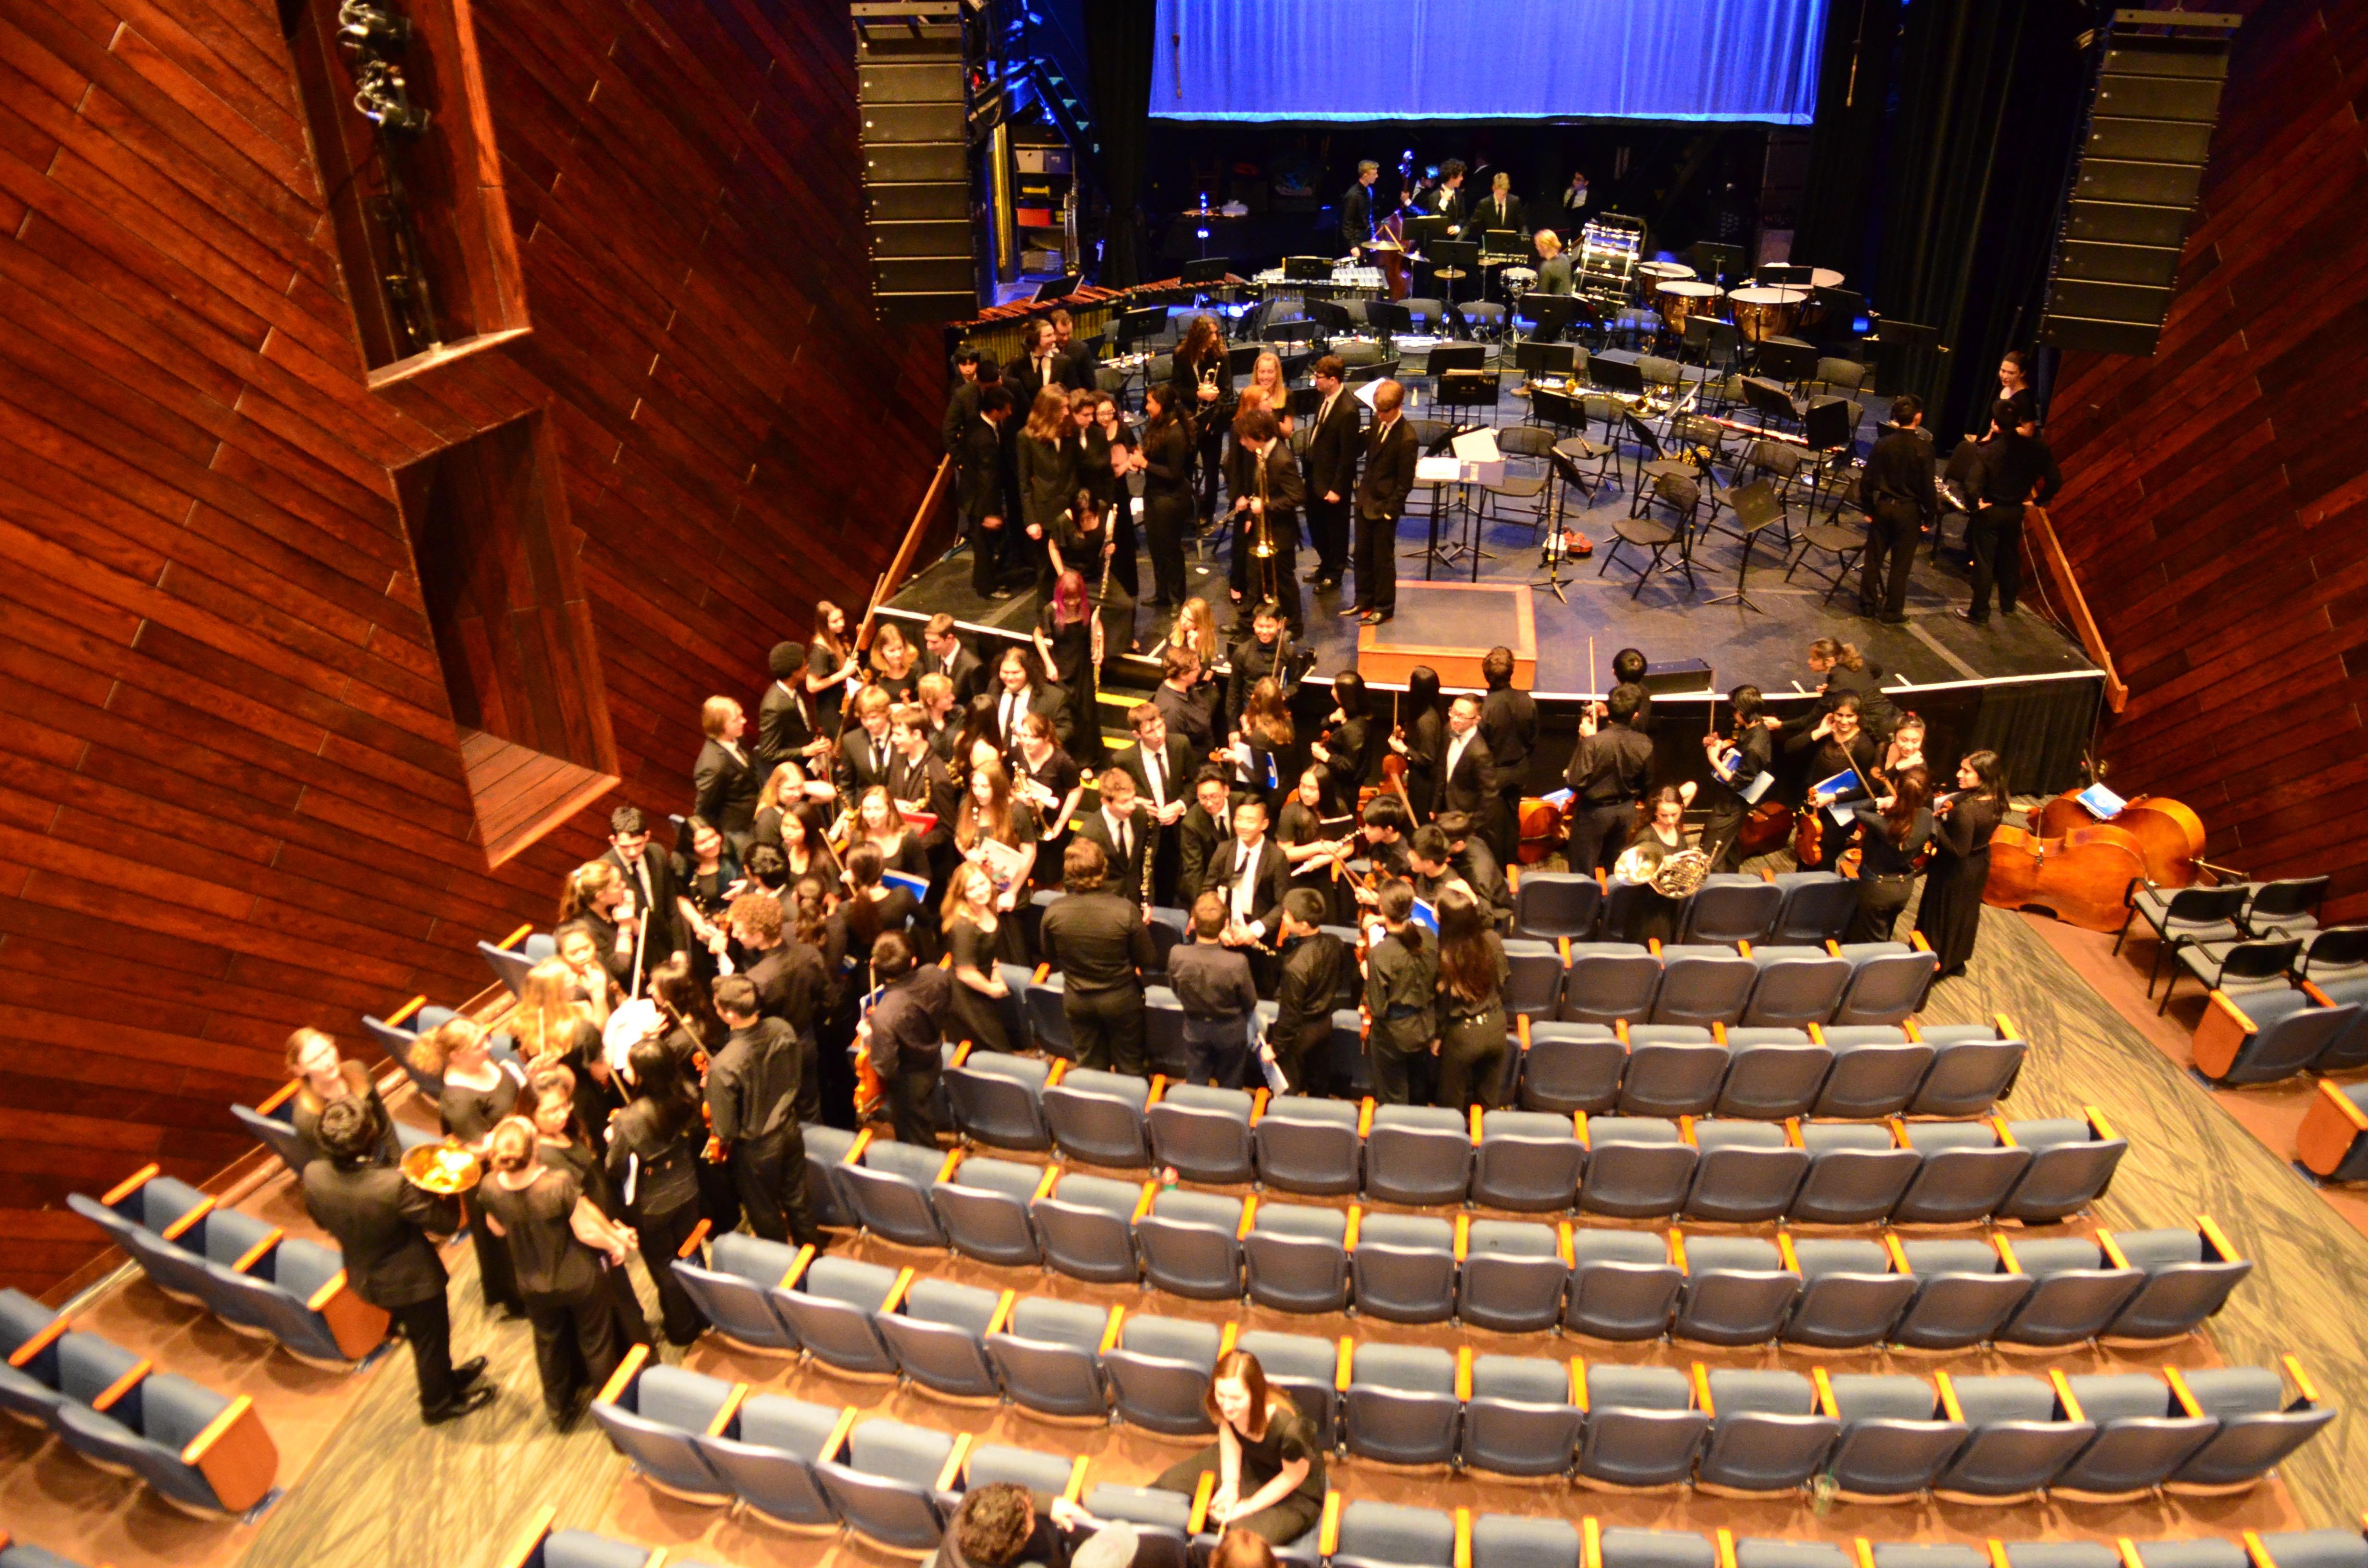 Post Concert Social